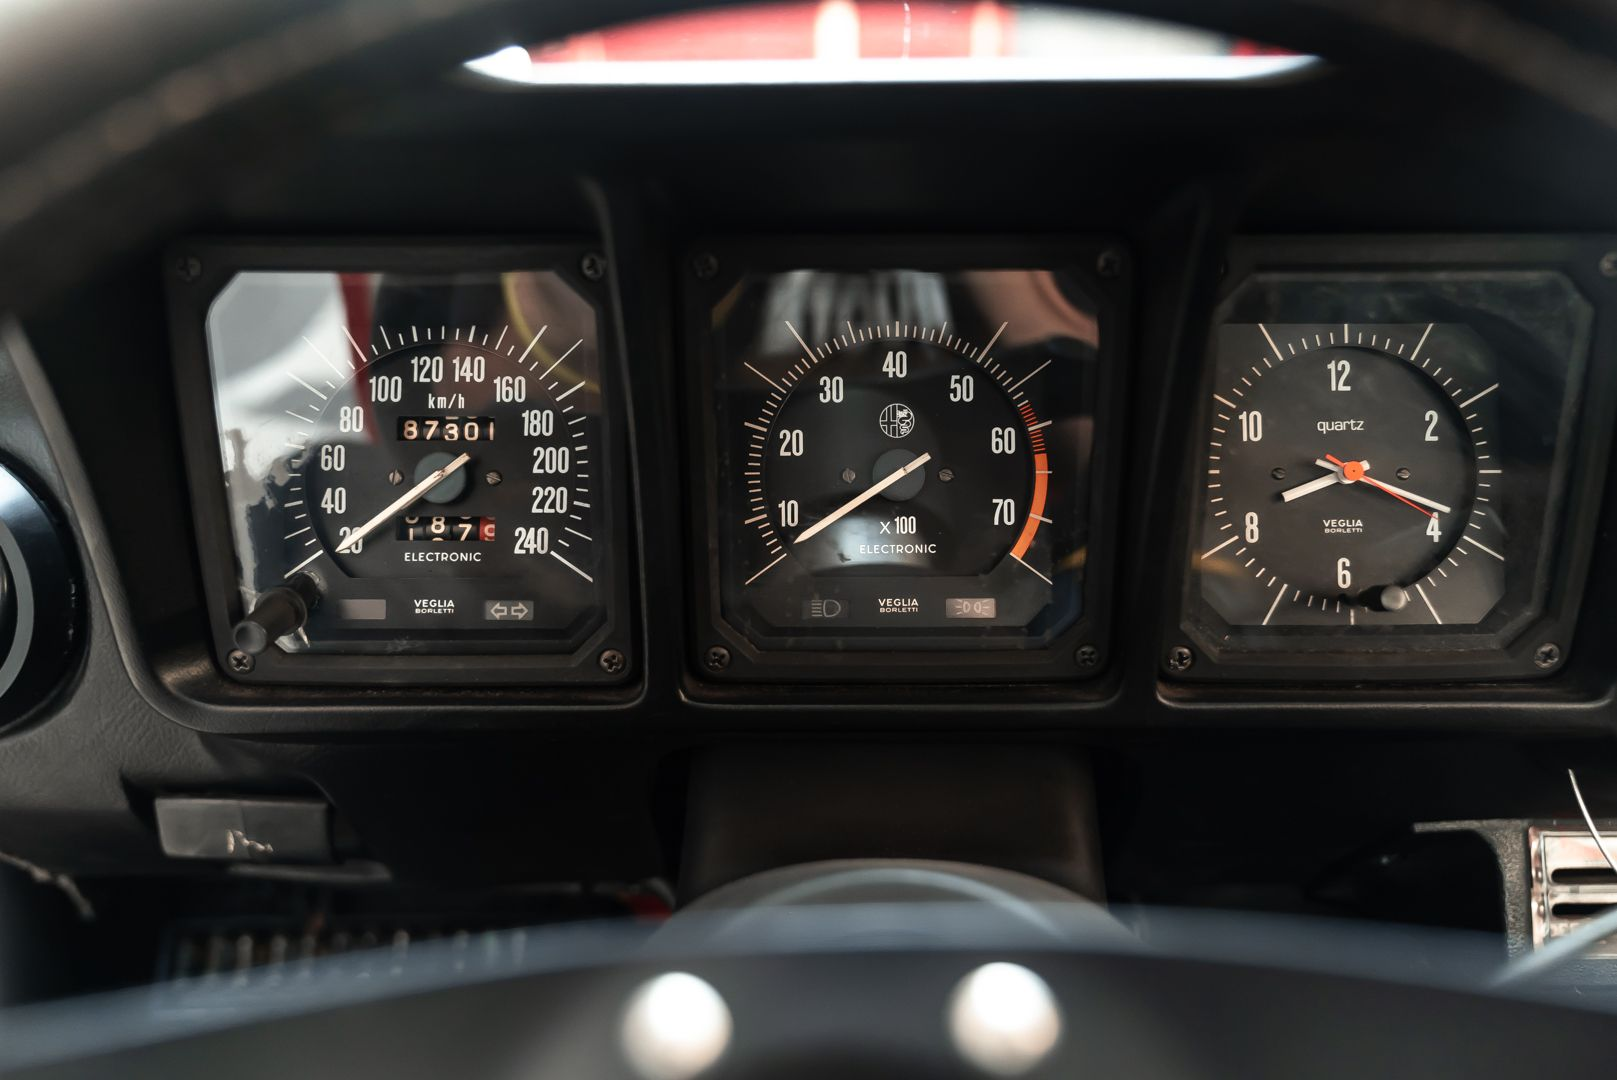 1981 Alfa Romeo GTV V6 2.5 Gr.2 Corsa 80119